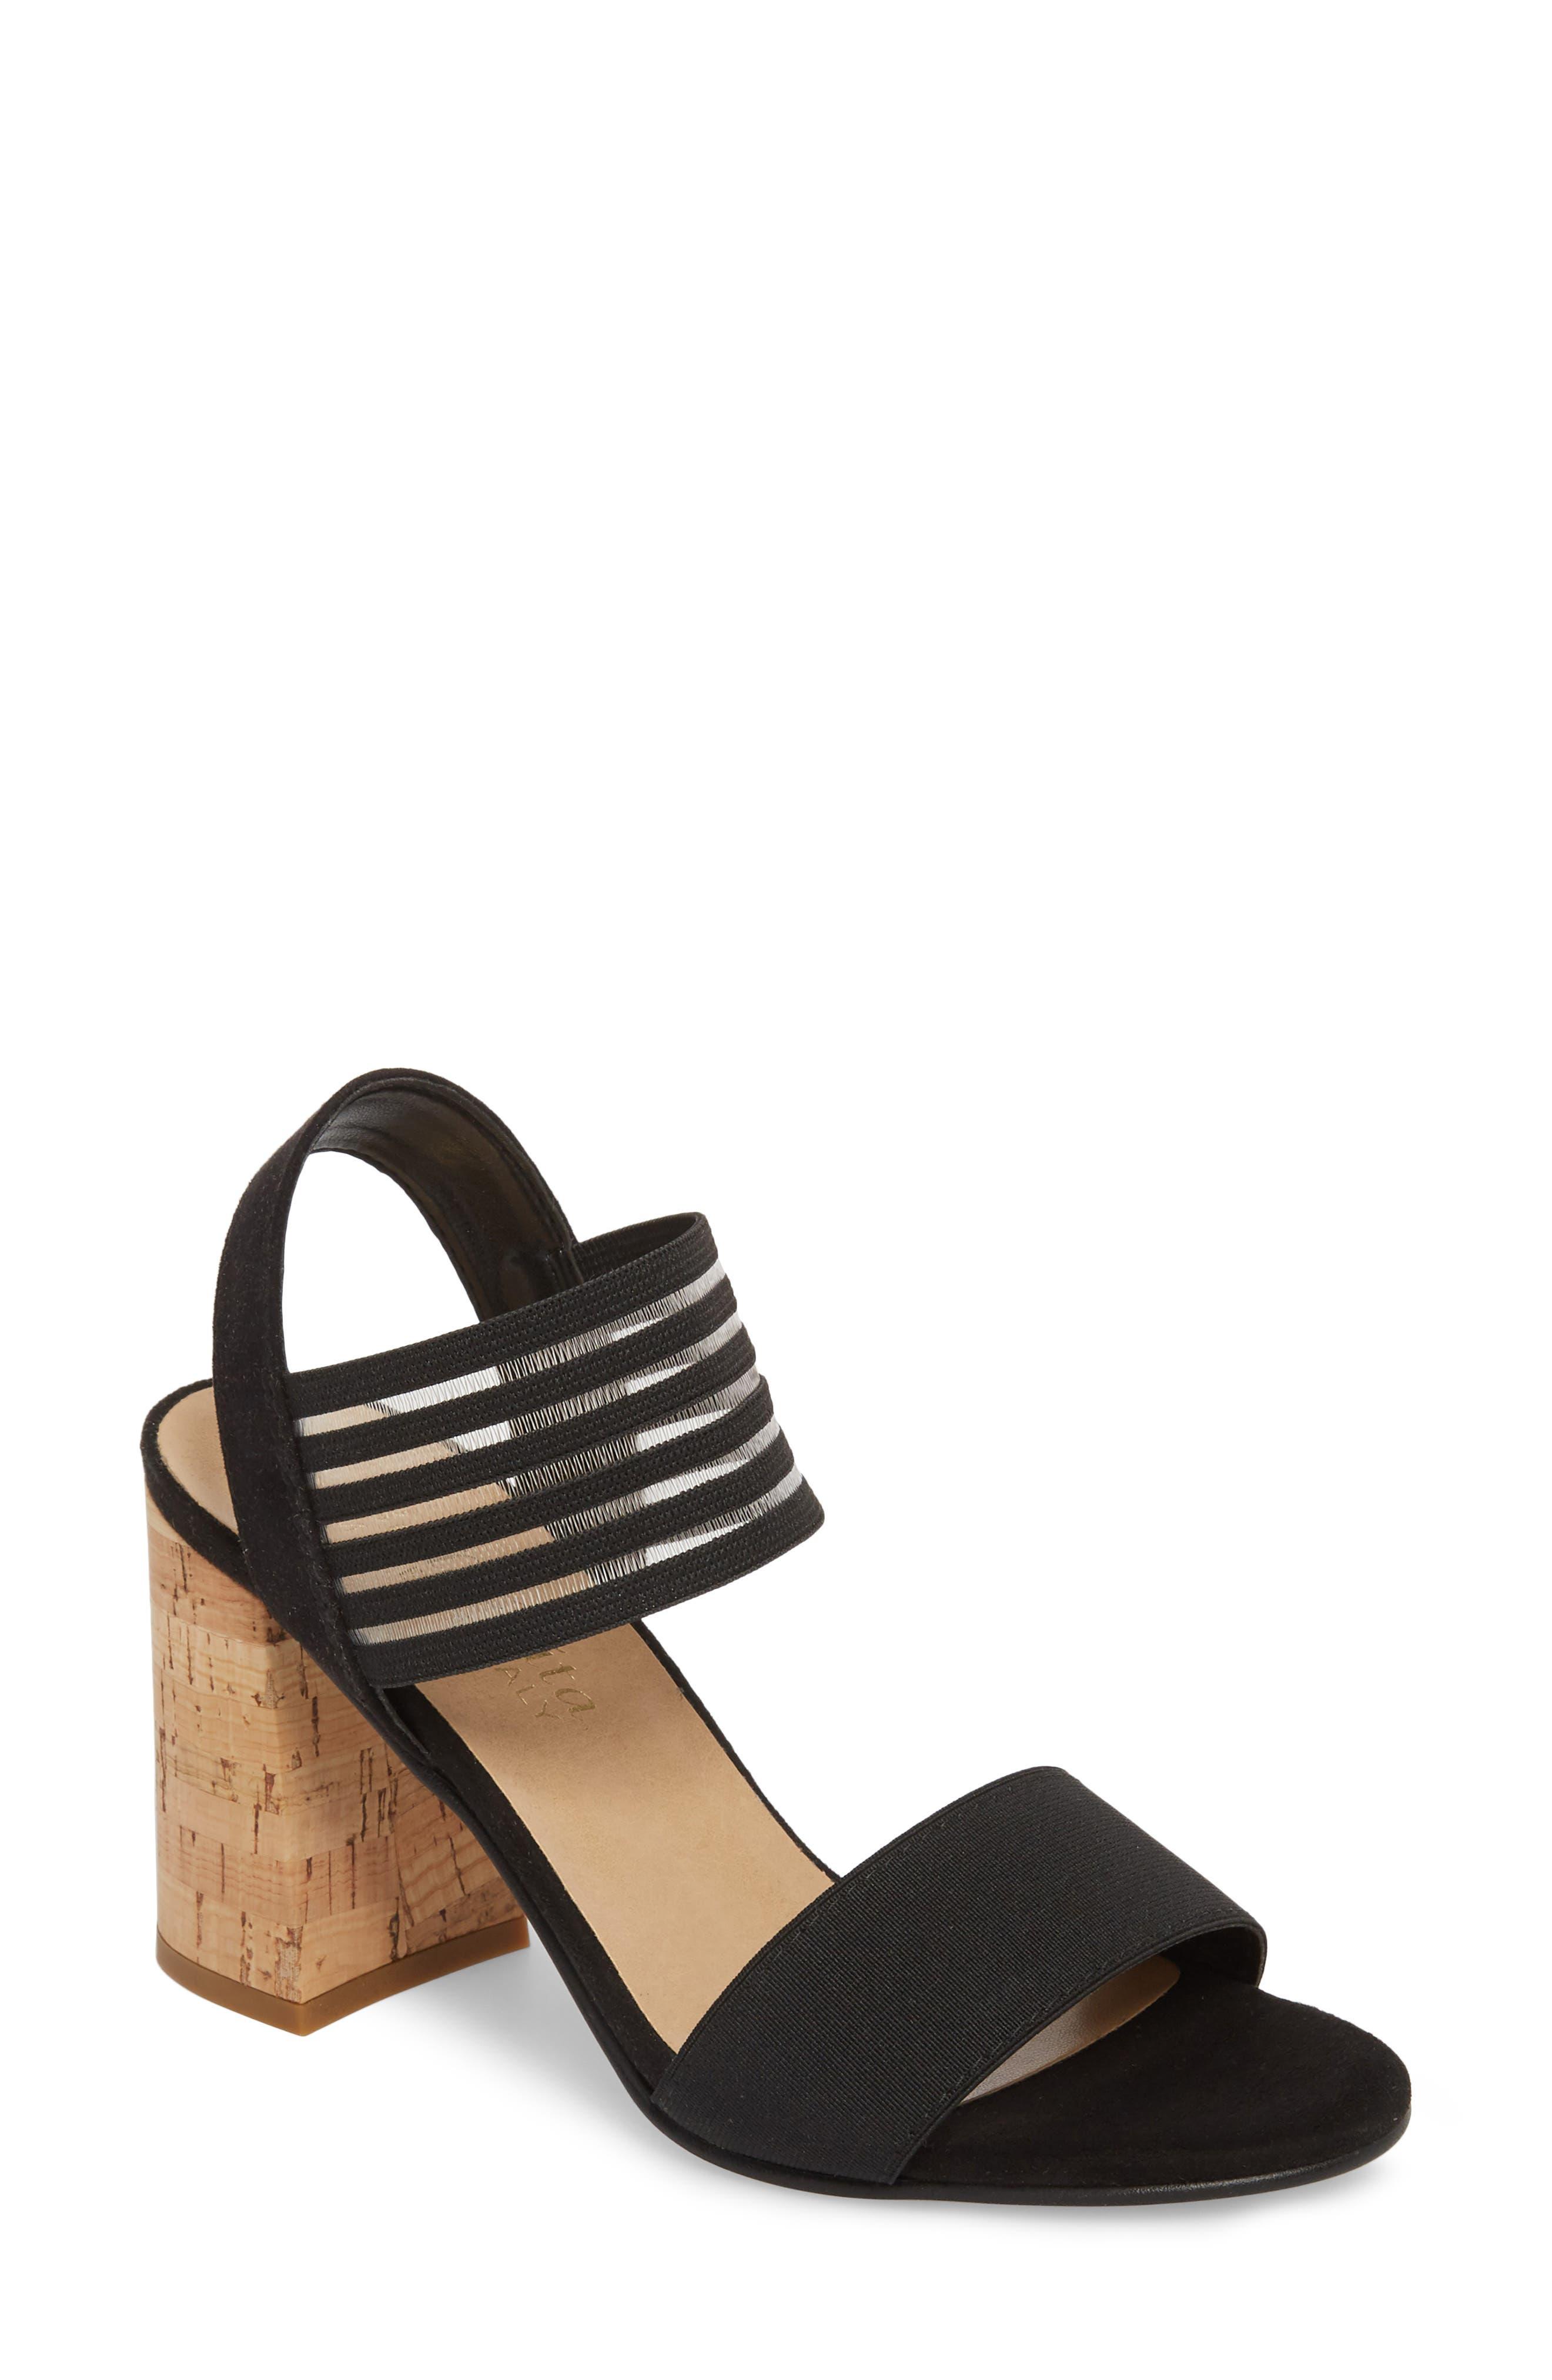 Dan Block Heel Sandal,                         Main,                         color, Black Leather